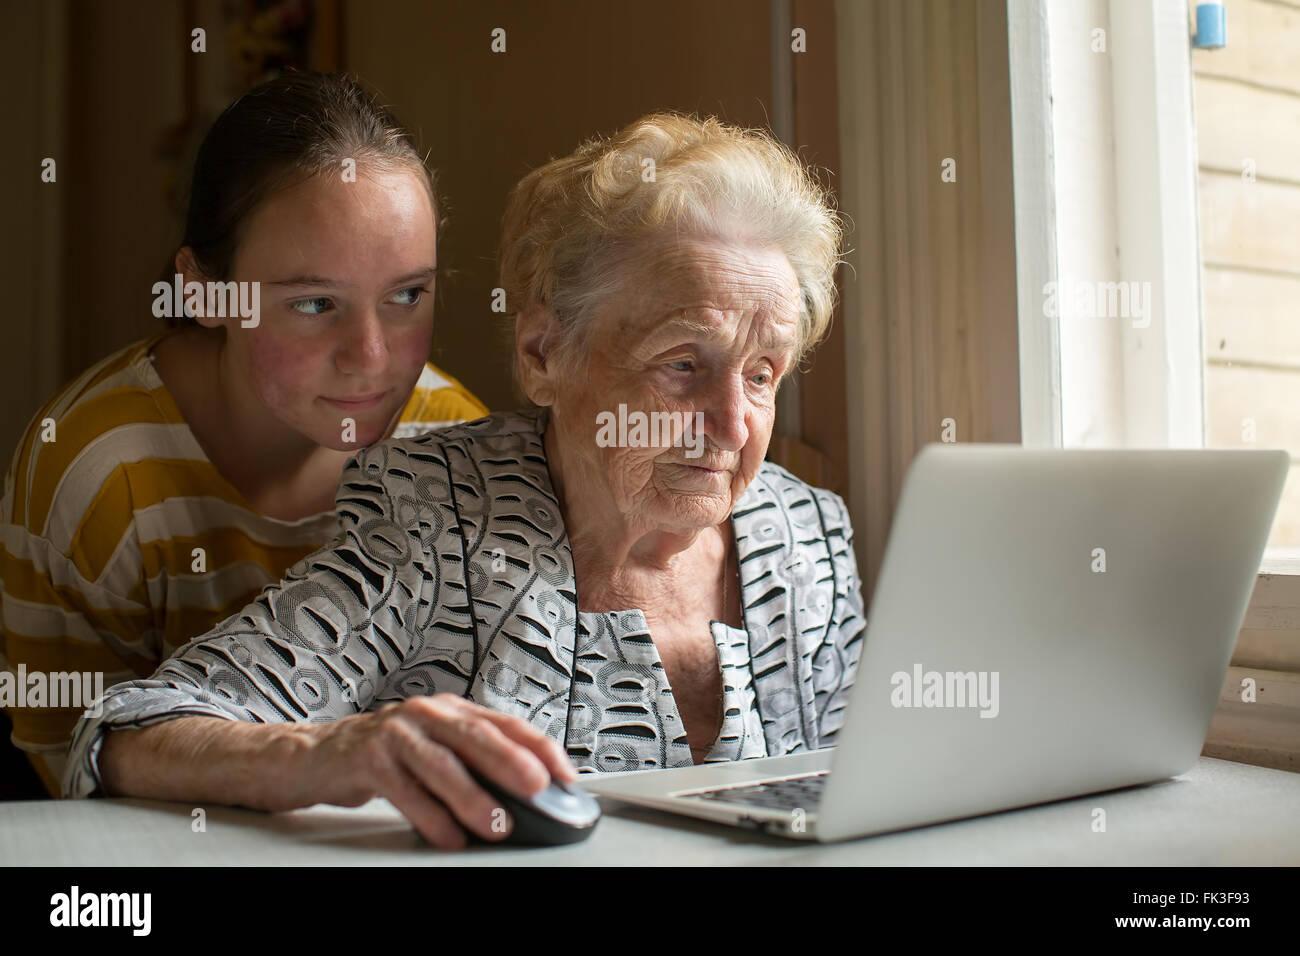 Enkelin lehrt ihre Großmutter auf dem Laptop eingeben. Stockbild